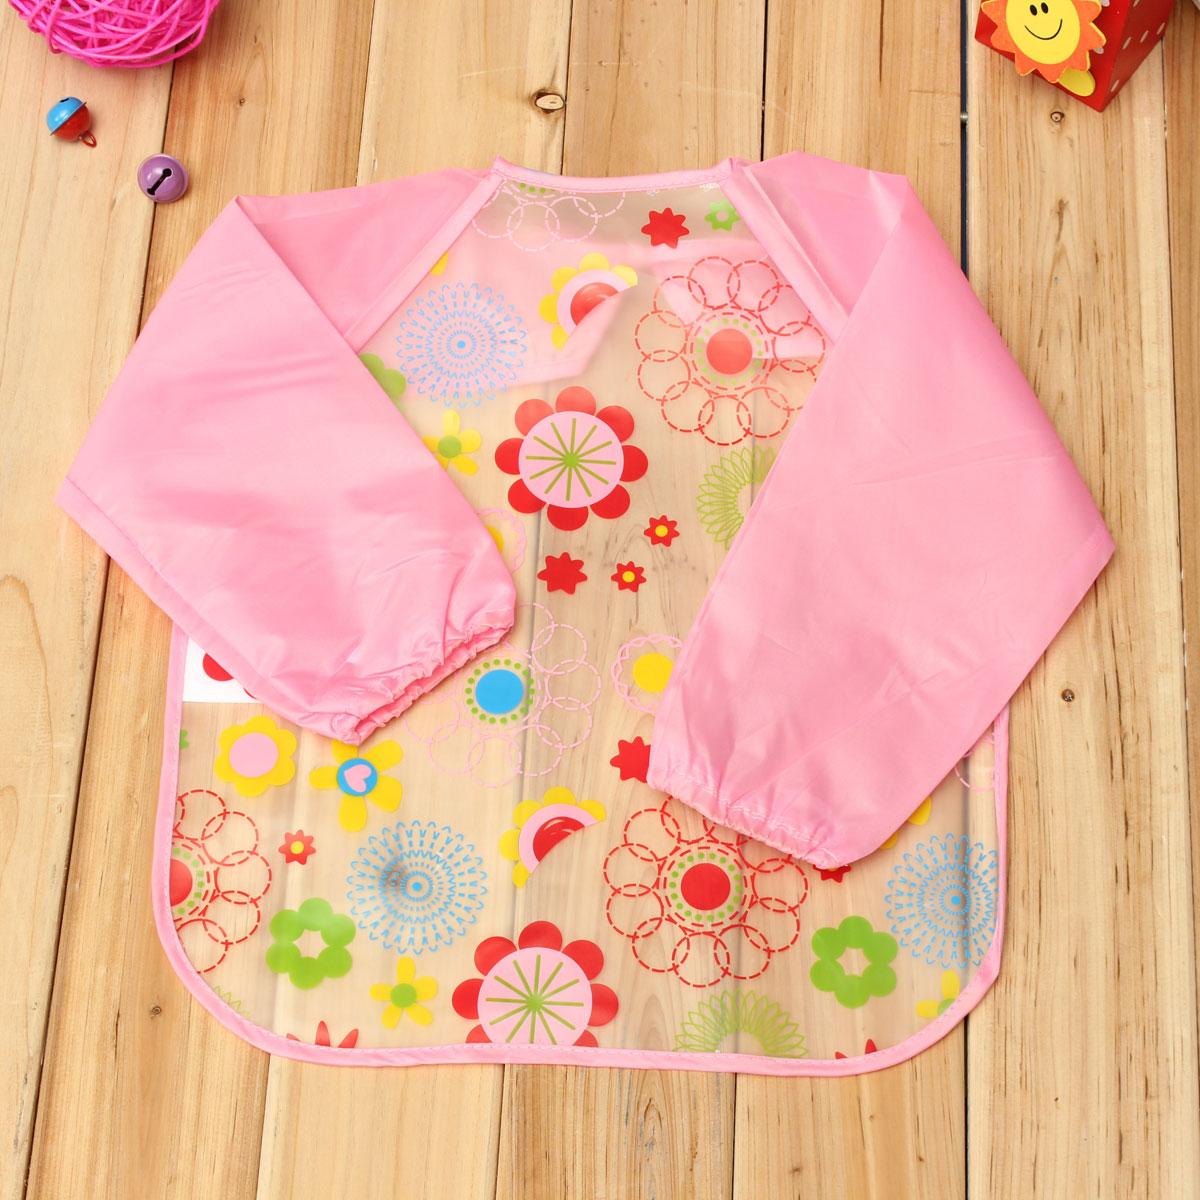 tablier bavette pour enfant baby b b blouse repas imperm able bandana bavoir ebay. Black Bedroom Furniture Sets. Home Design Ideas